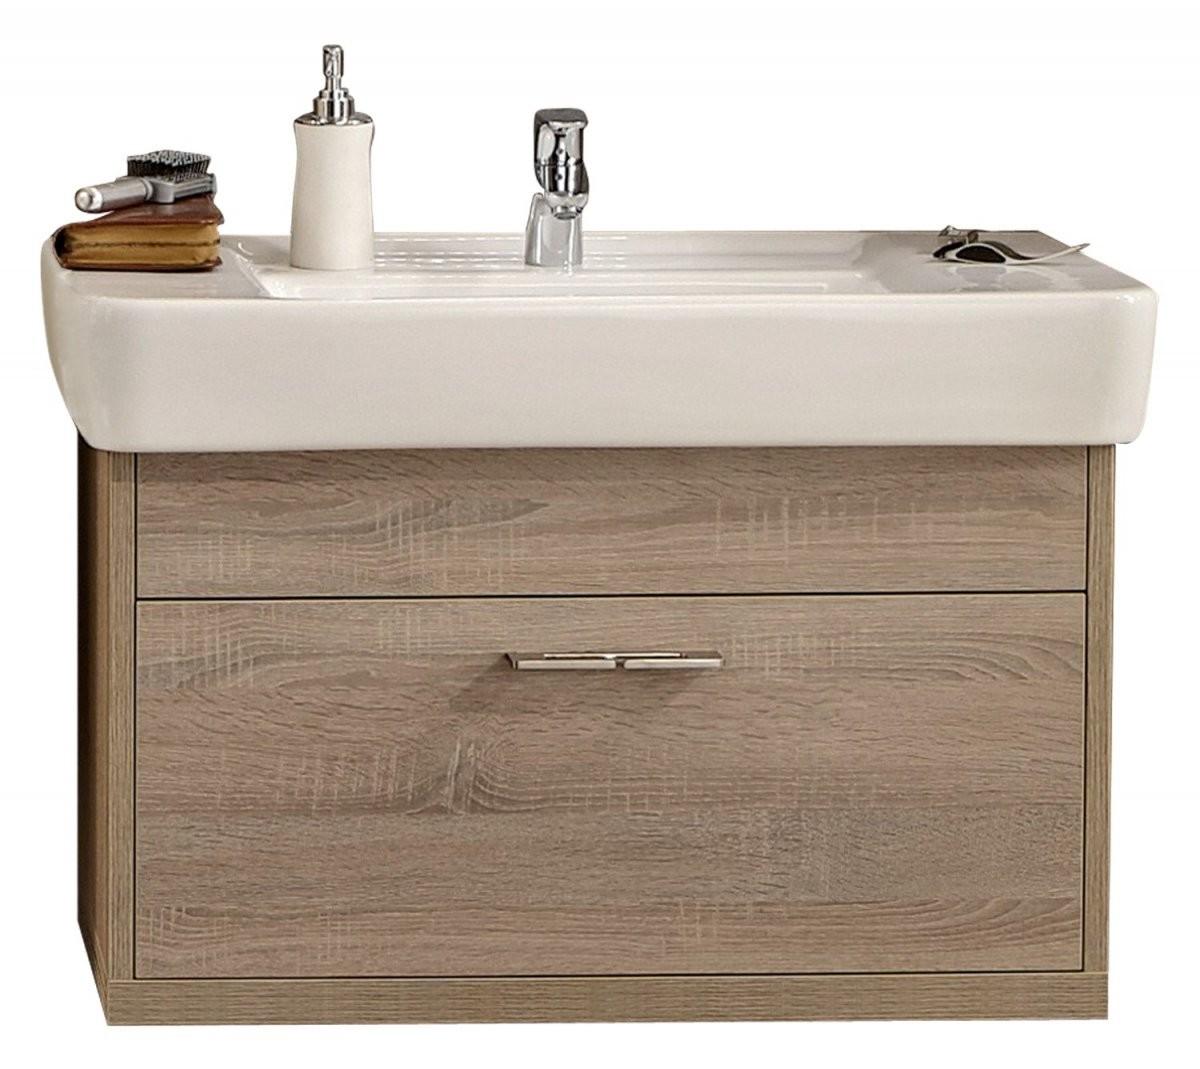 Badmöbel Serie Timbery Waschtischunterschrank Amelie In Schloß von Waschbecken Beige Mit Unterschrank Bild